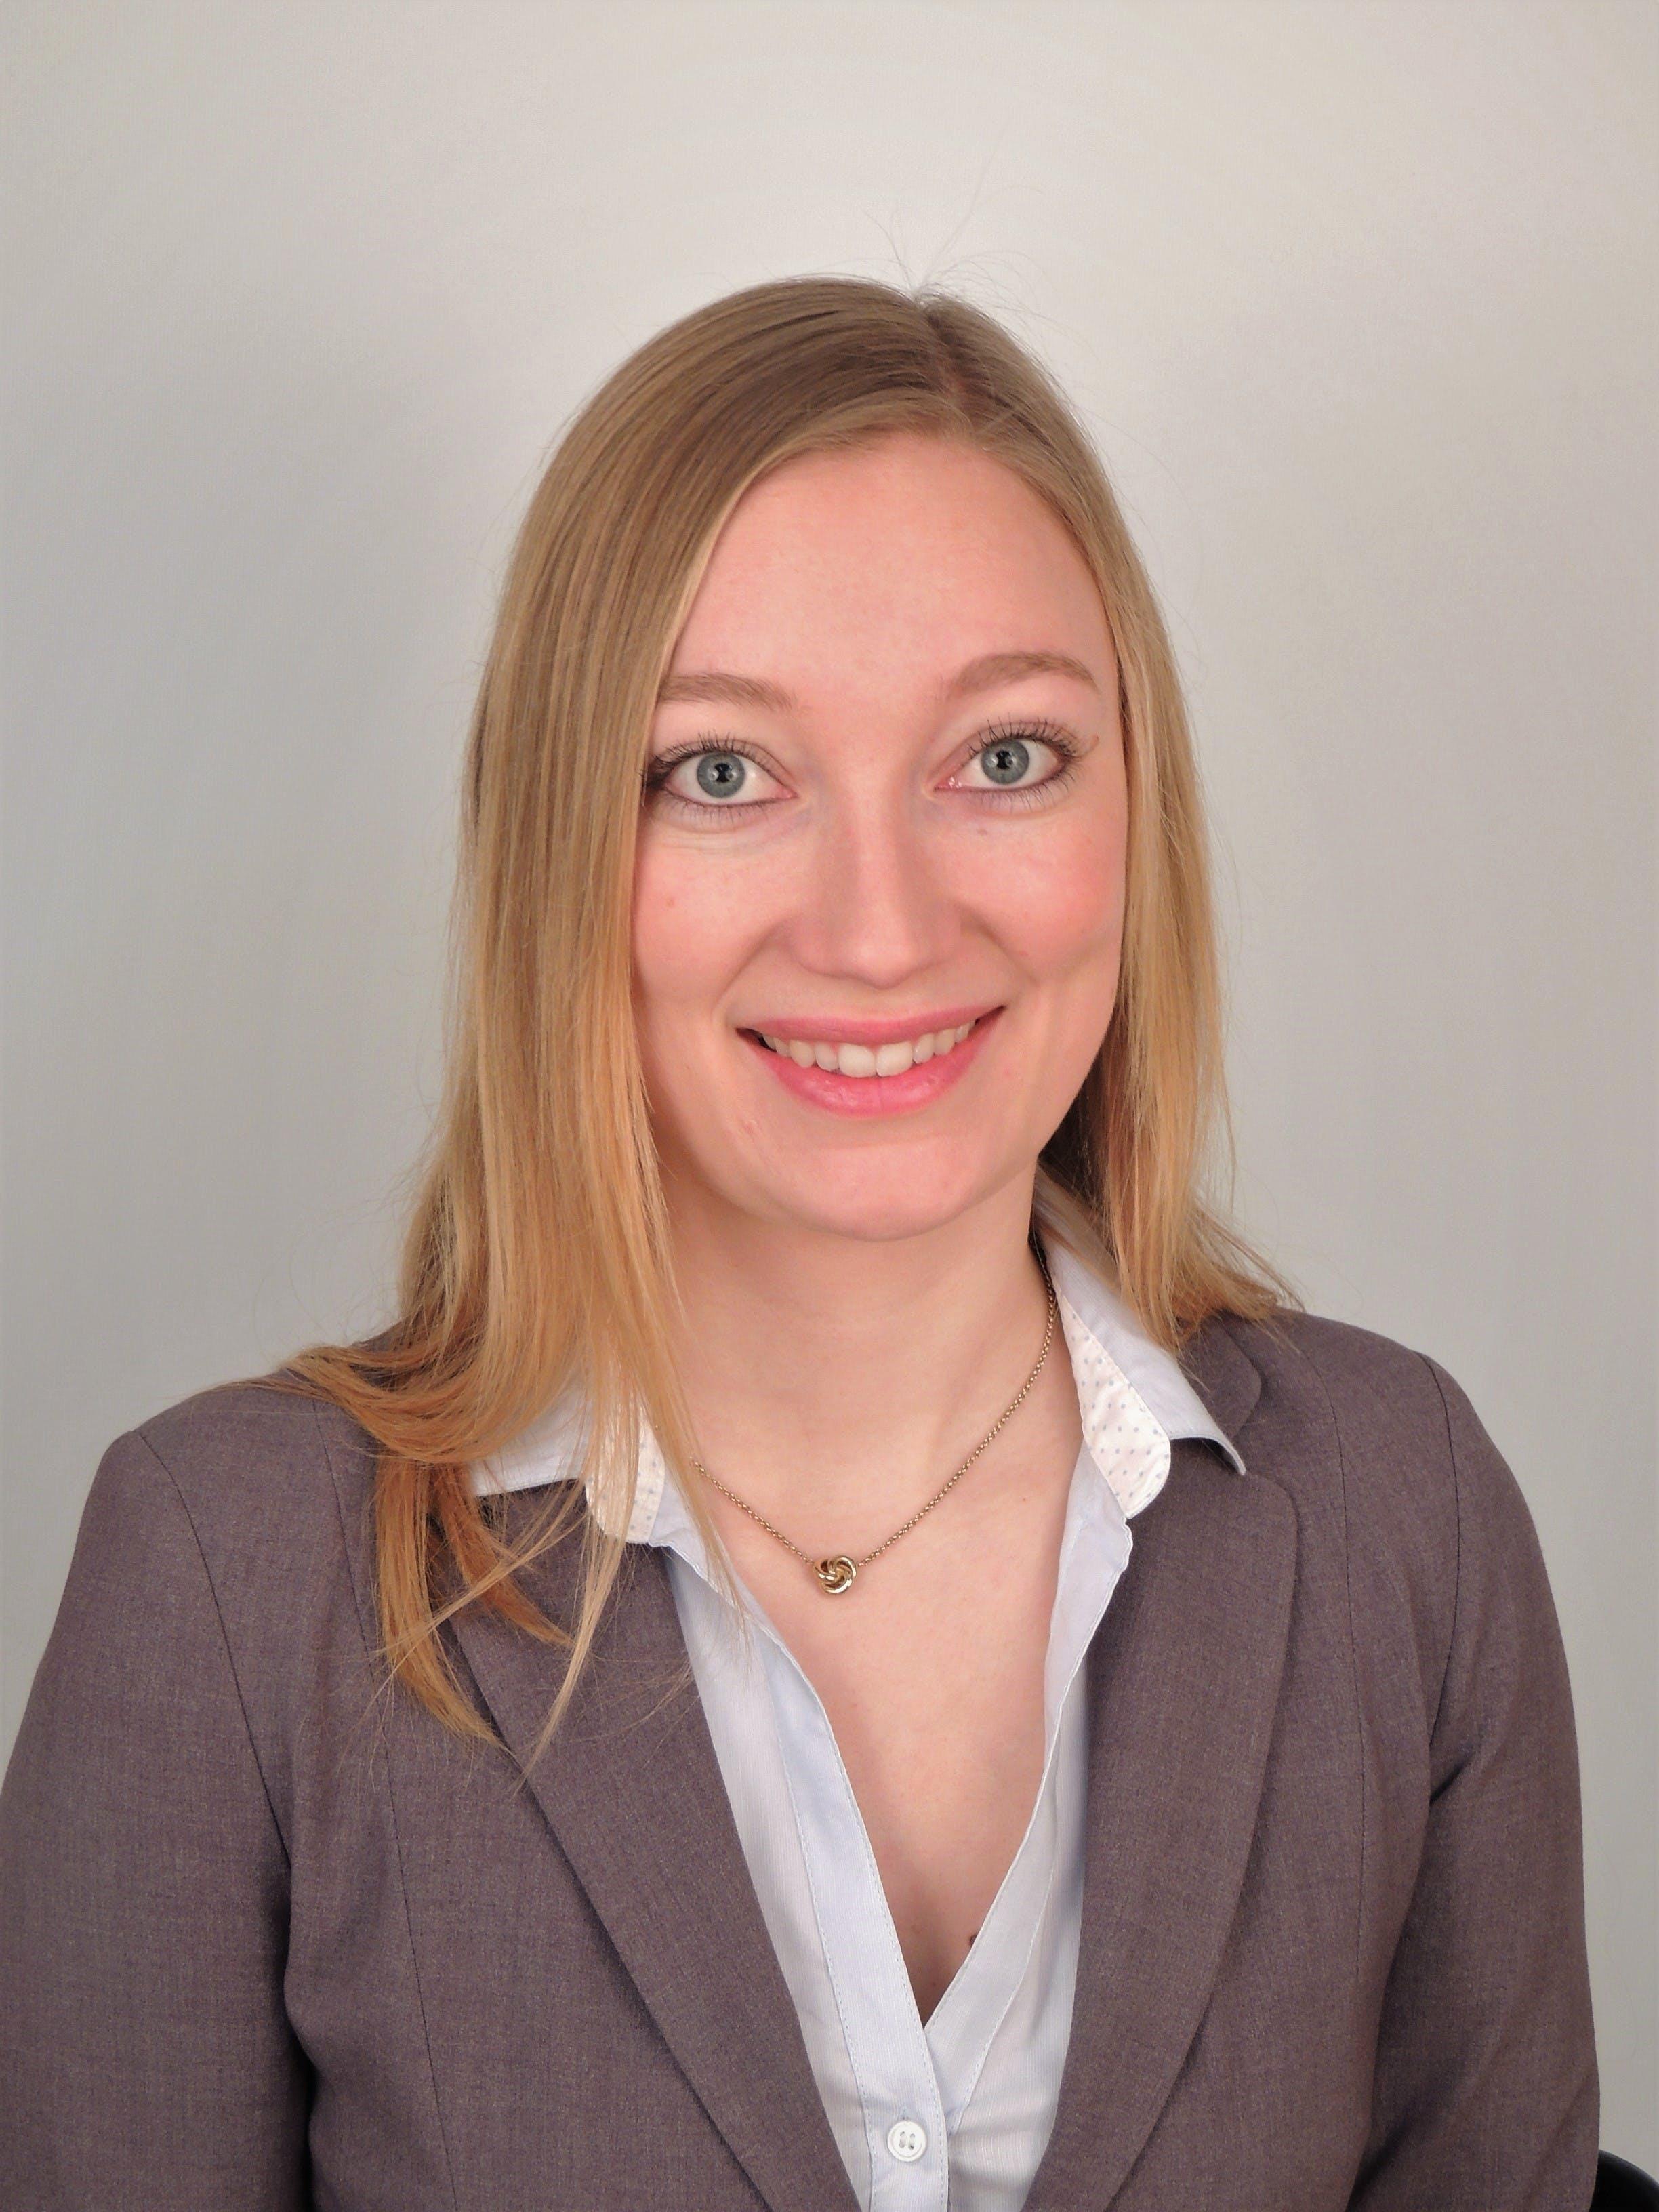 Julia Martens